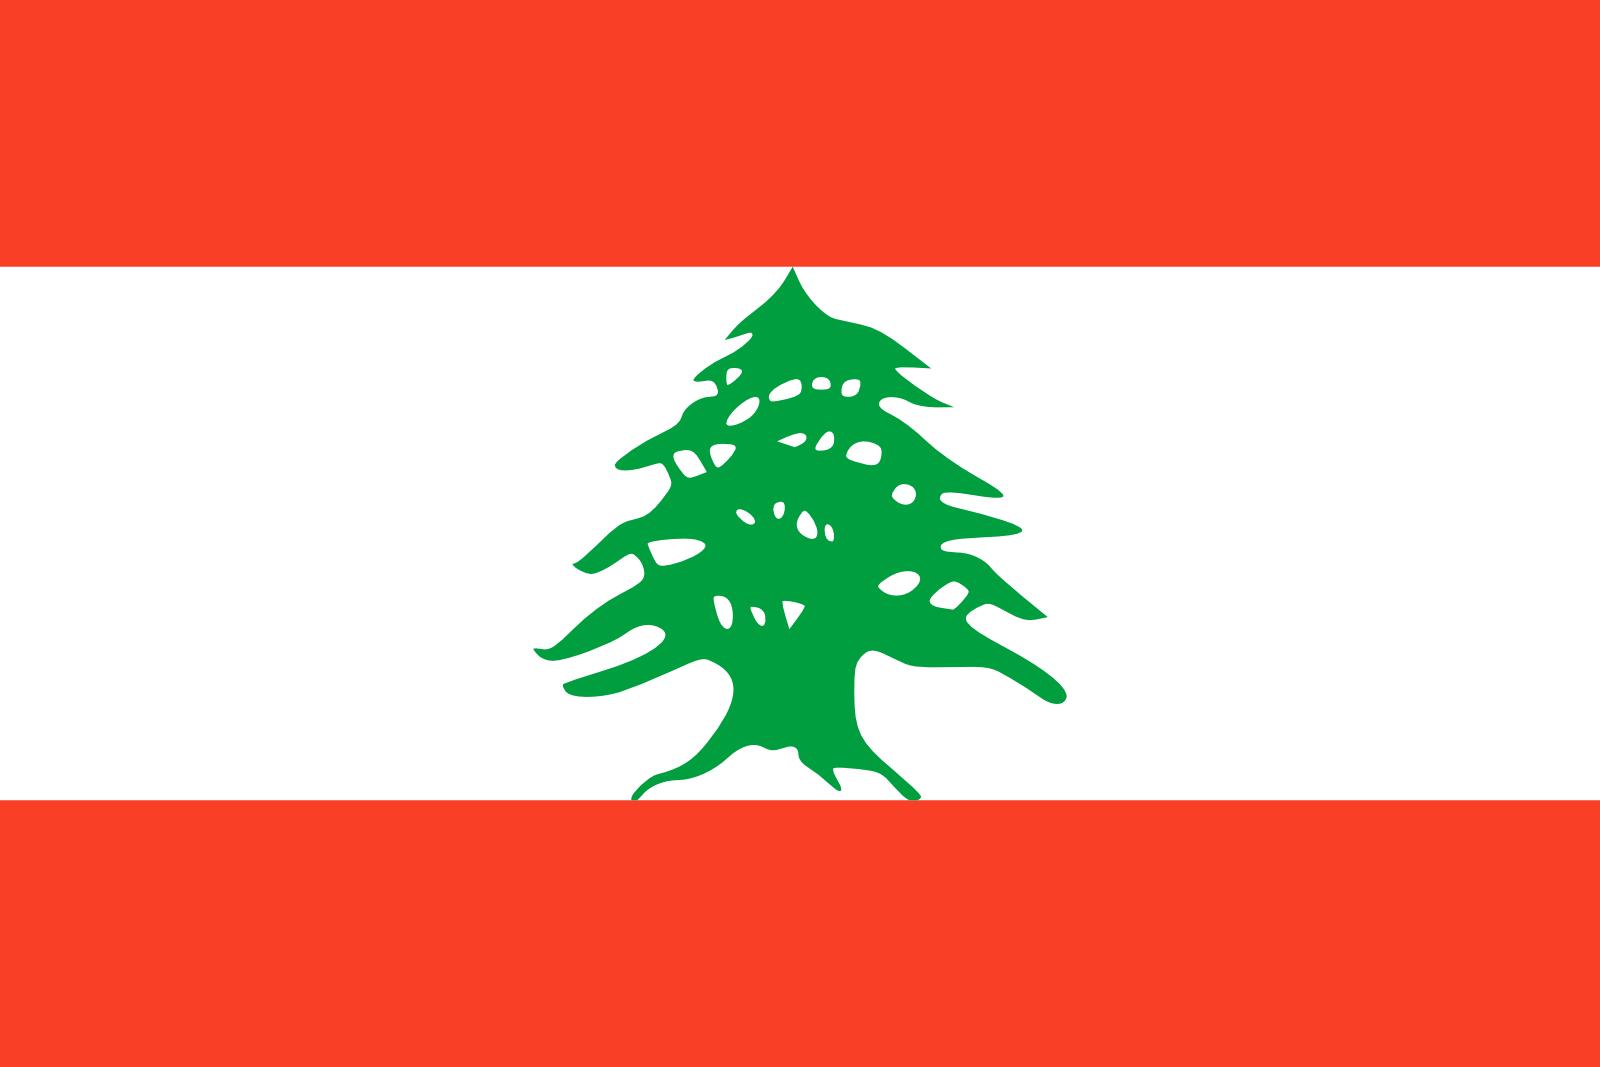 imagenes de banderas hd140 200 Imágenes de Banderas en HD (Wallpapers)